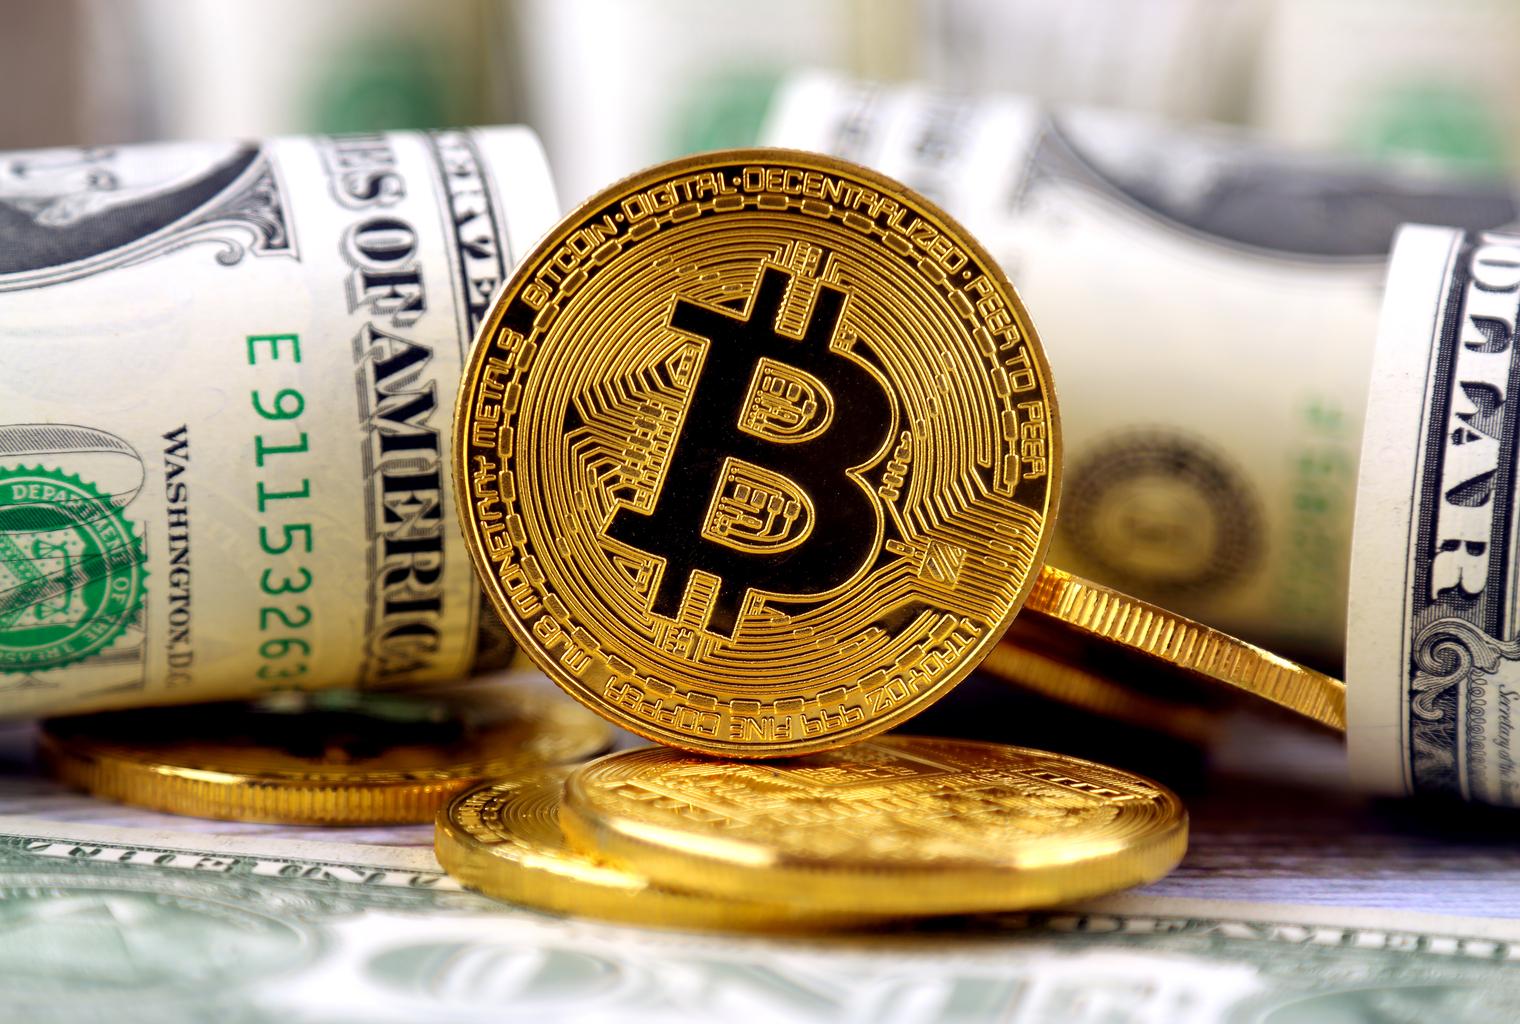 Tyler Winklevoss Bitcoin'in BTC Değeri Artarken ABD Doları Tuvalet Kâğıdı Gibi Değersizleşiyor